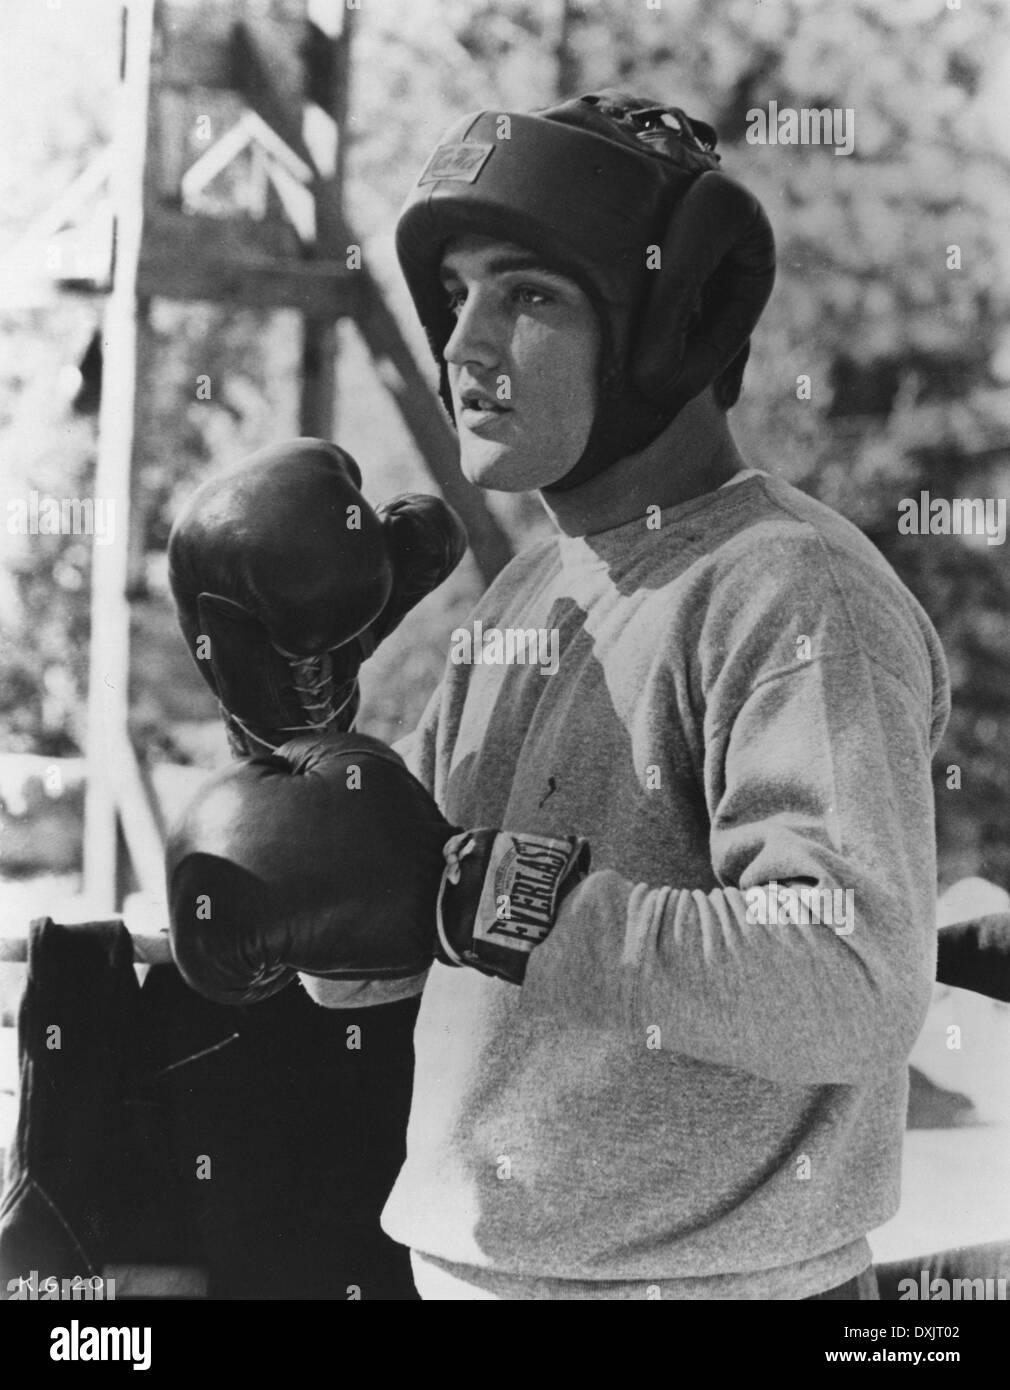 KID GALAHAD (US1962) ELVIS PRESLEY - Stock Image